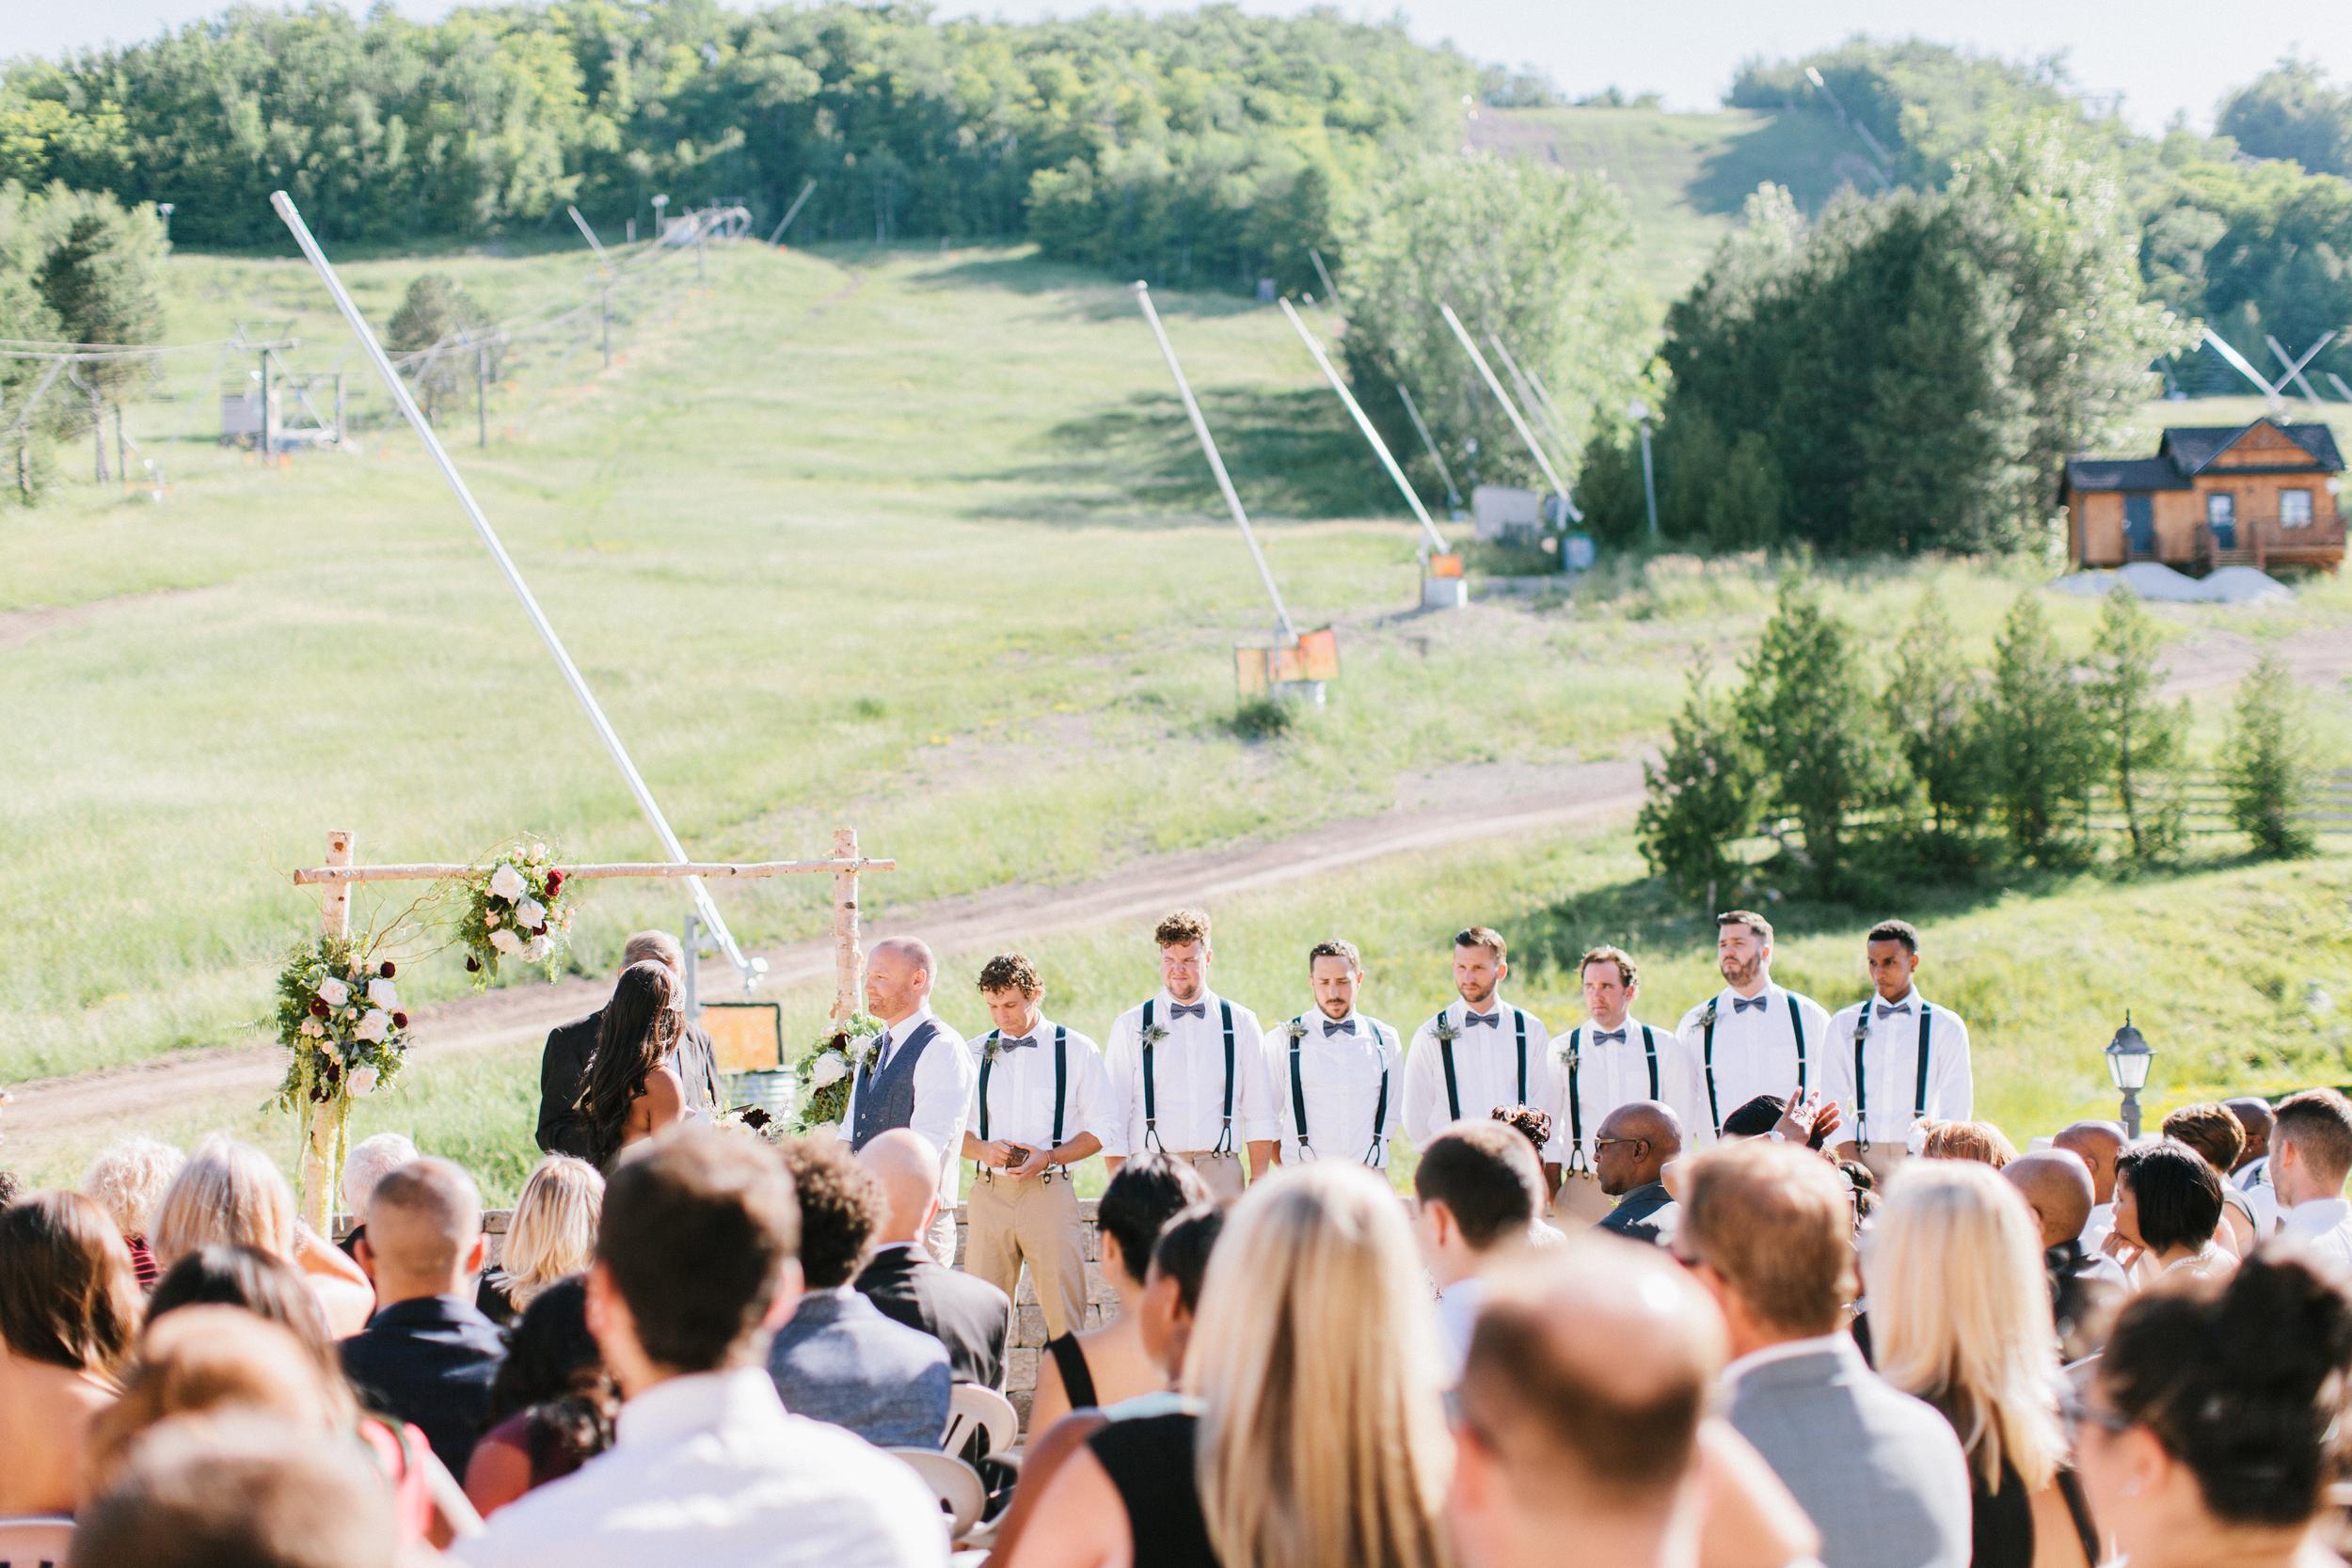 michael-rousseau-photography-shannae-ingleton-wedding-sean-craigleith-ski-club-wedding049.jpg